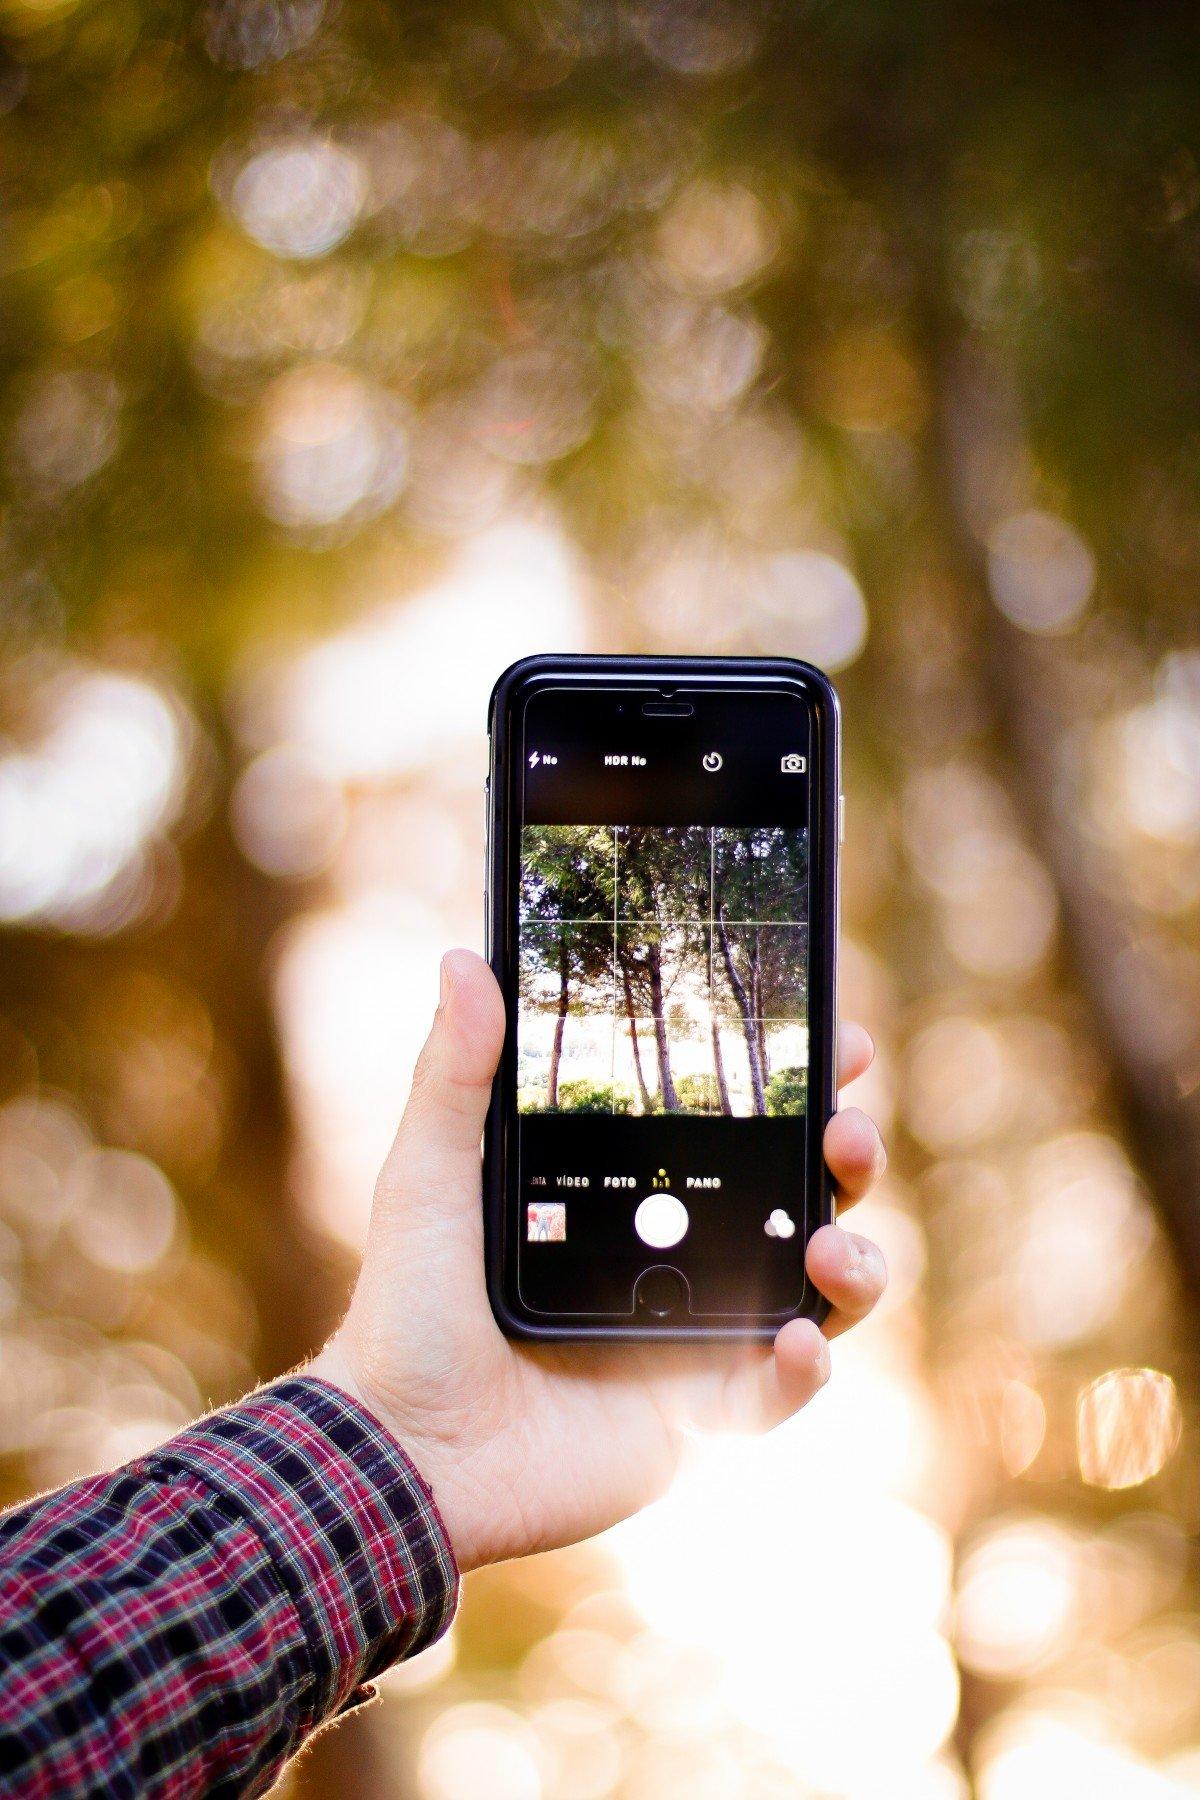 Ночи, красивые картинки сфотографированные на телефон